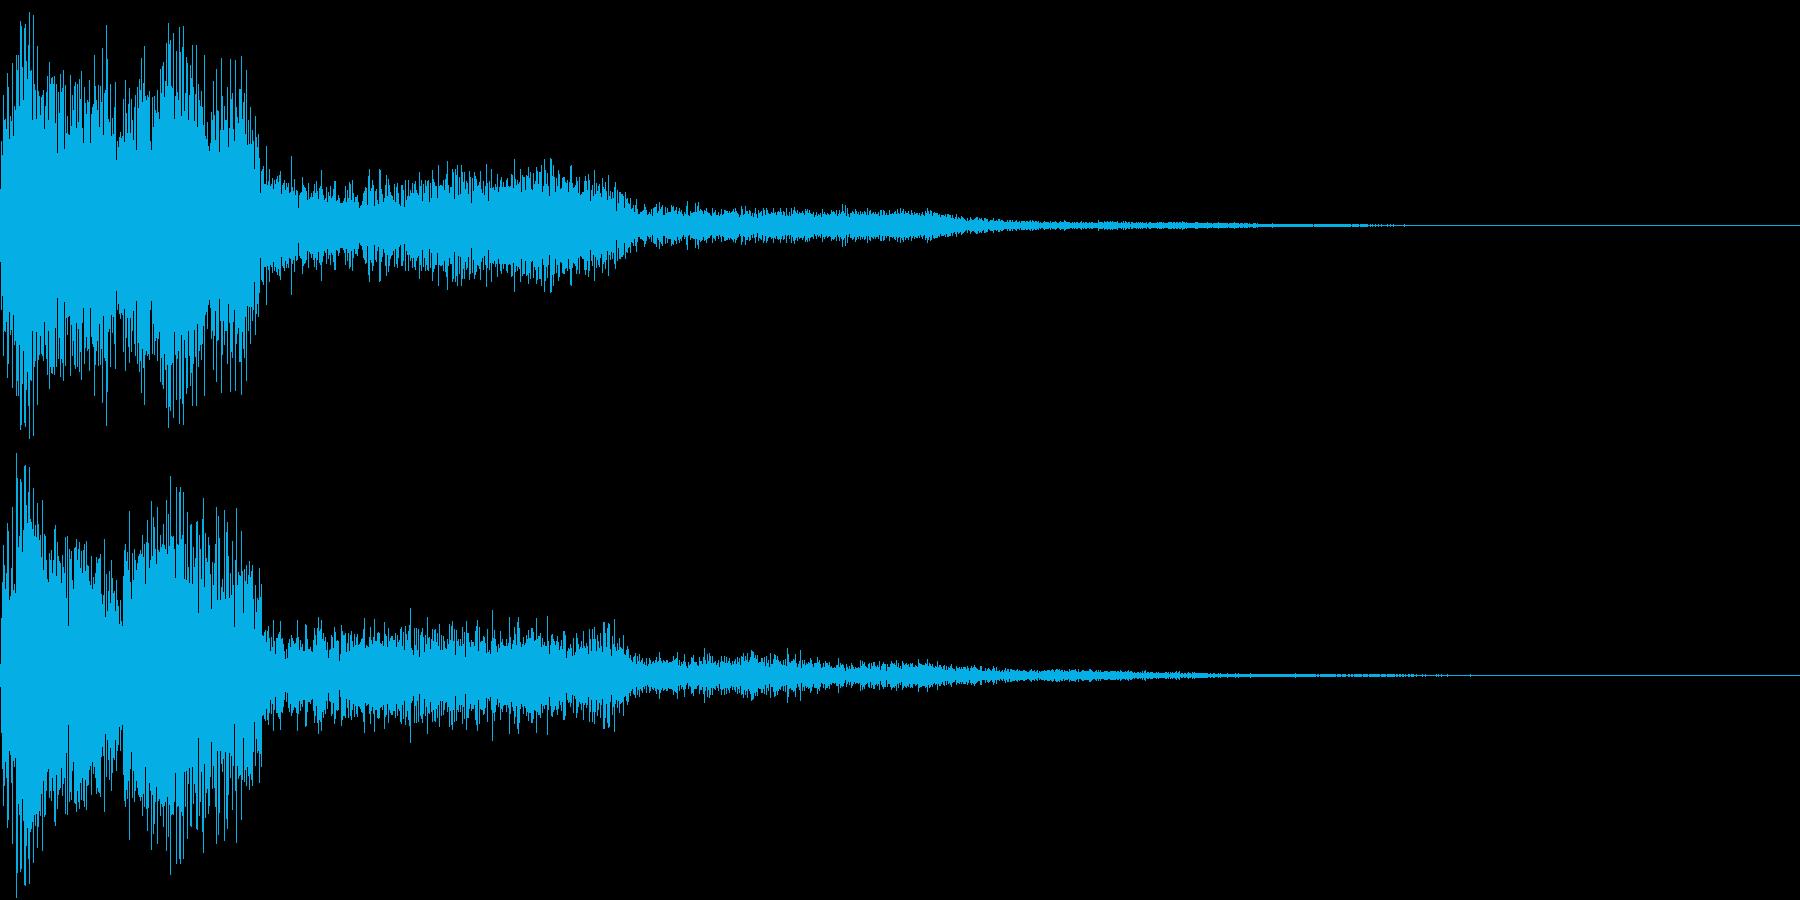 ピコン ピコ チャリン ピコーン の再生済みの波形